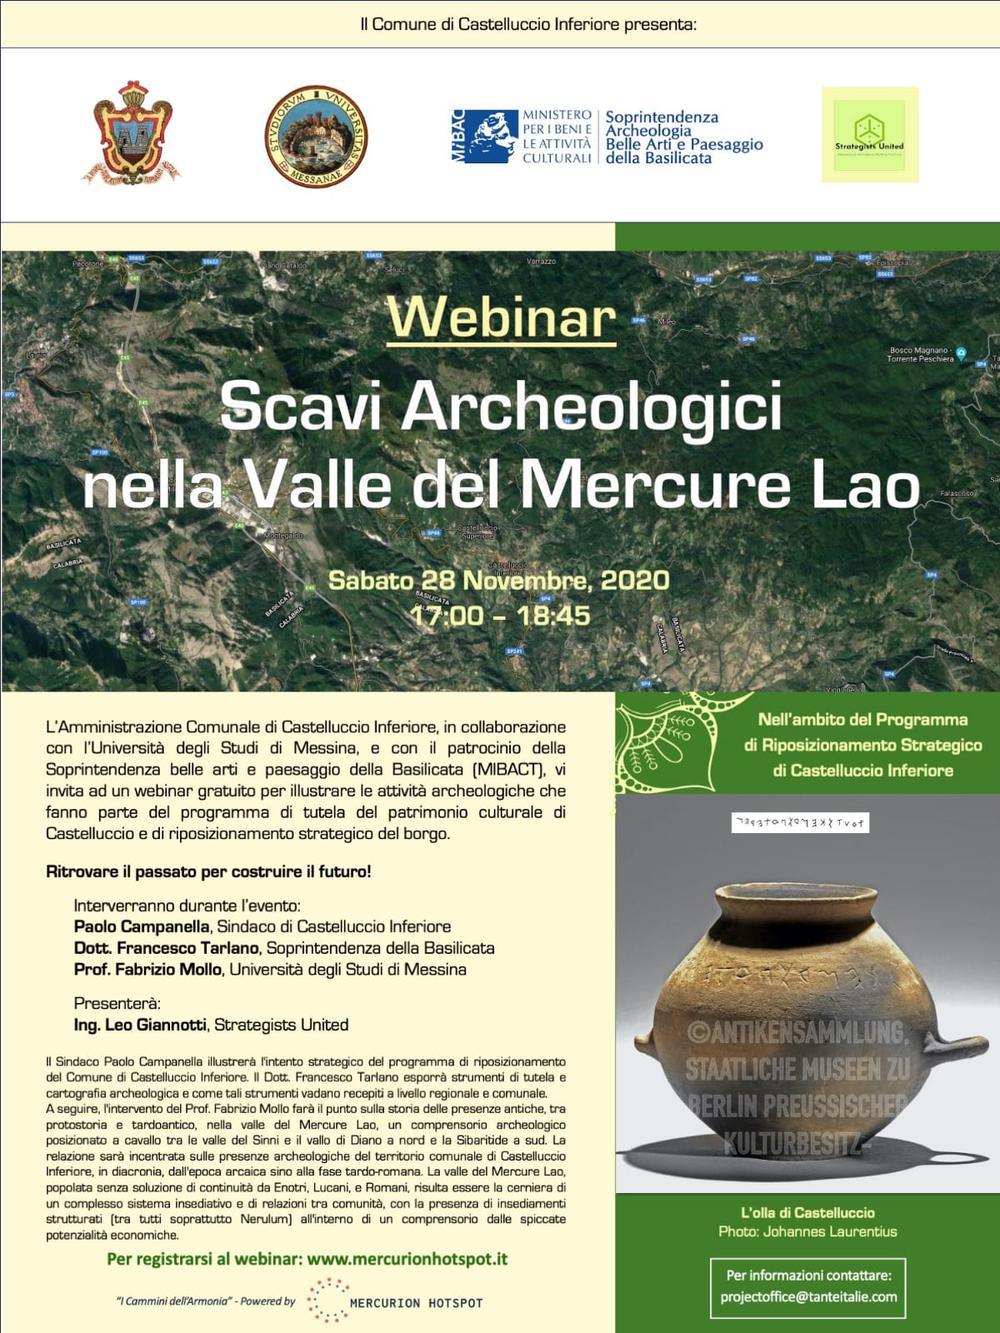 Webinar Scavi Archeologici nella Valle del Mercure Lao